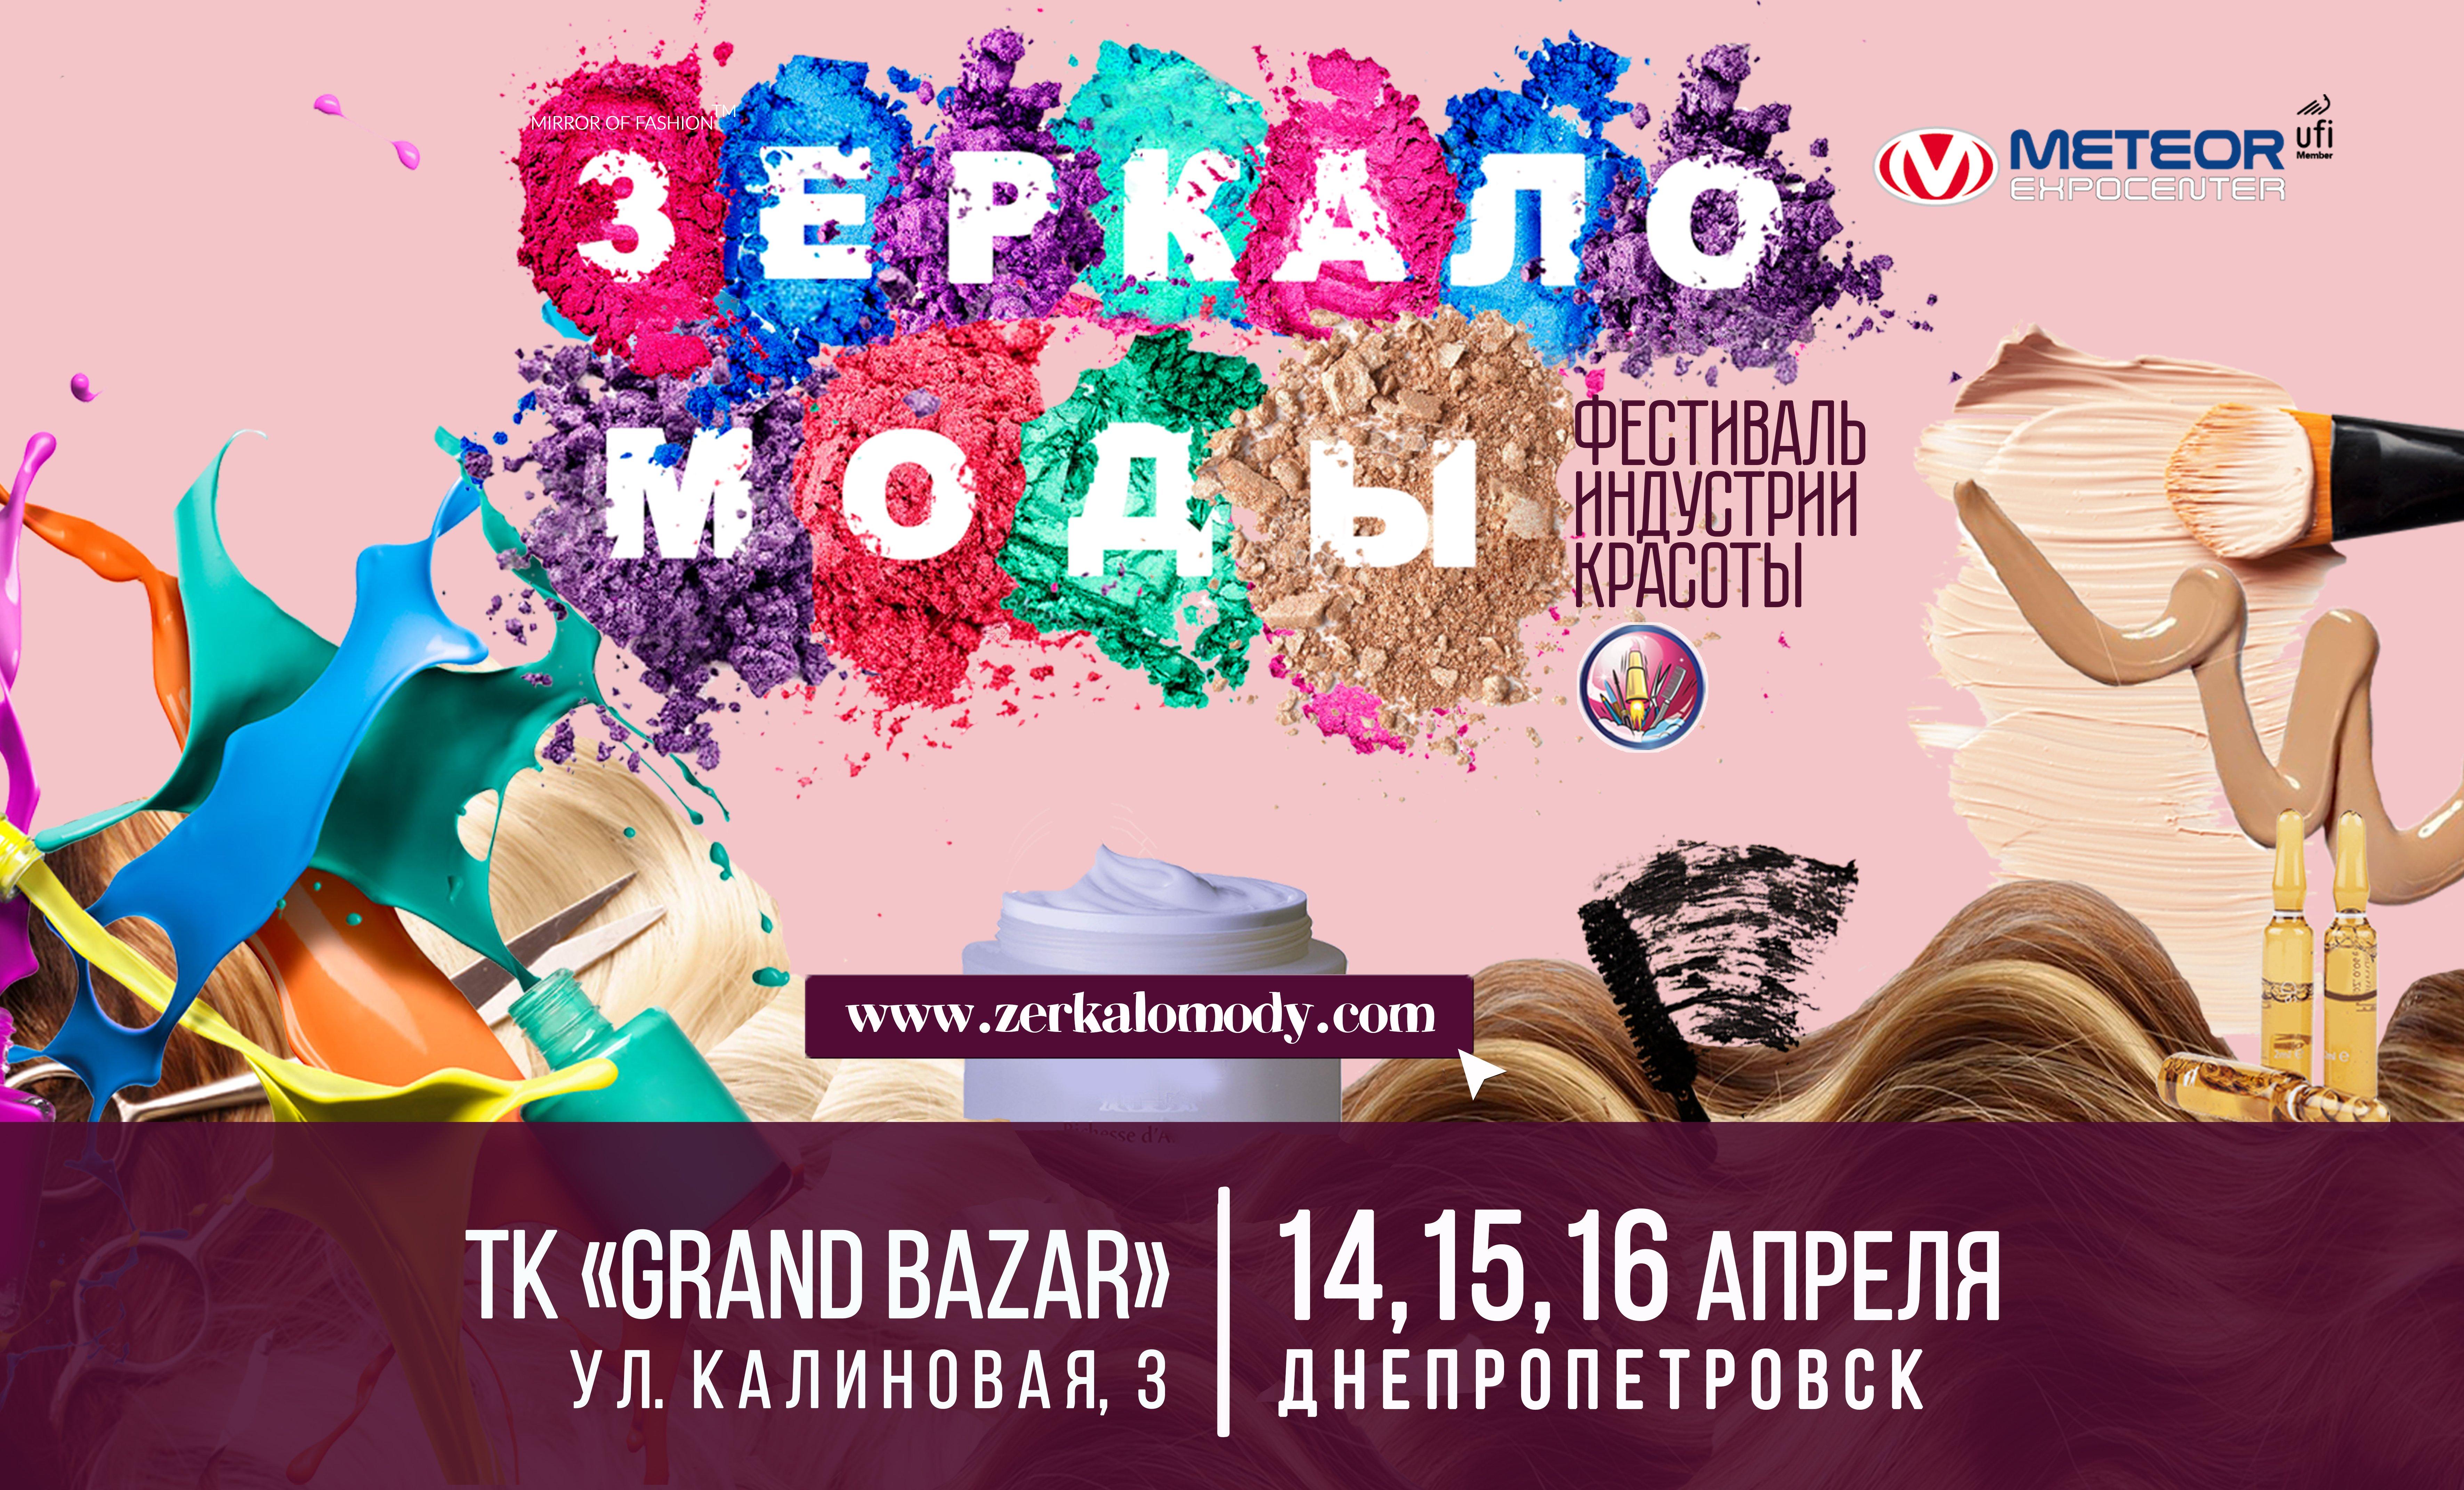 Афиша_горизонтальная